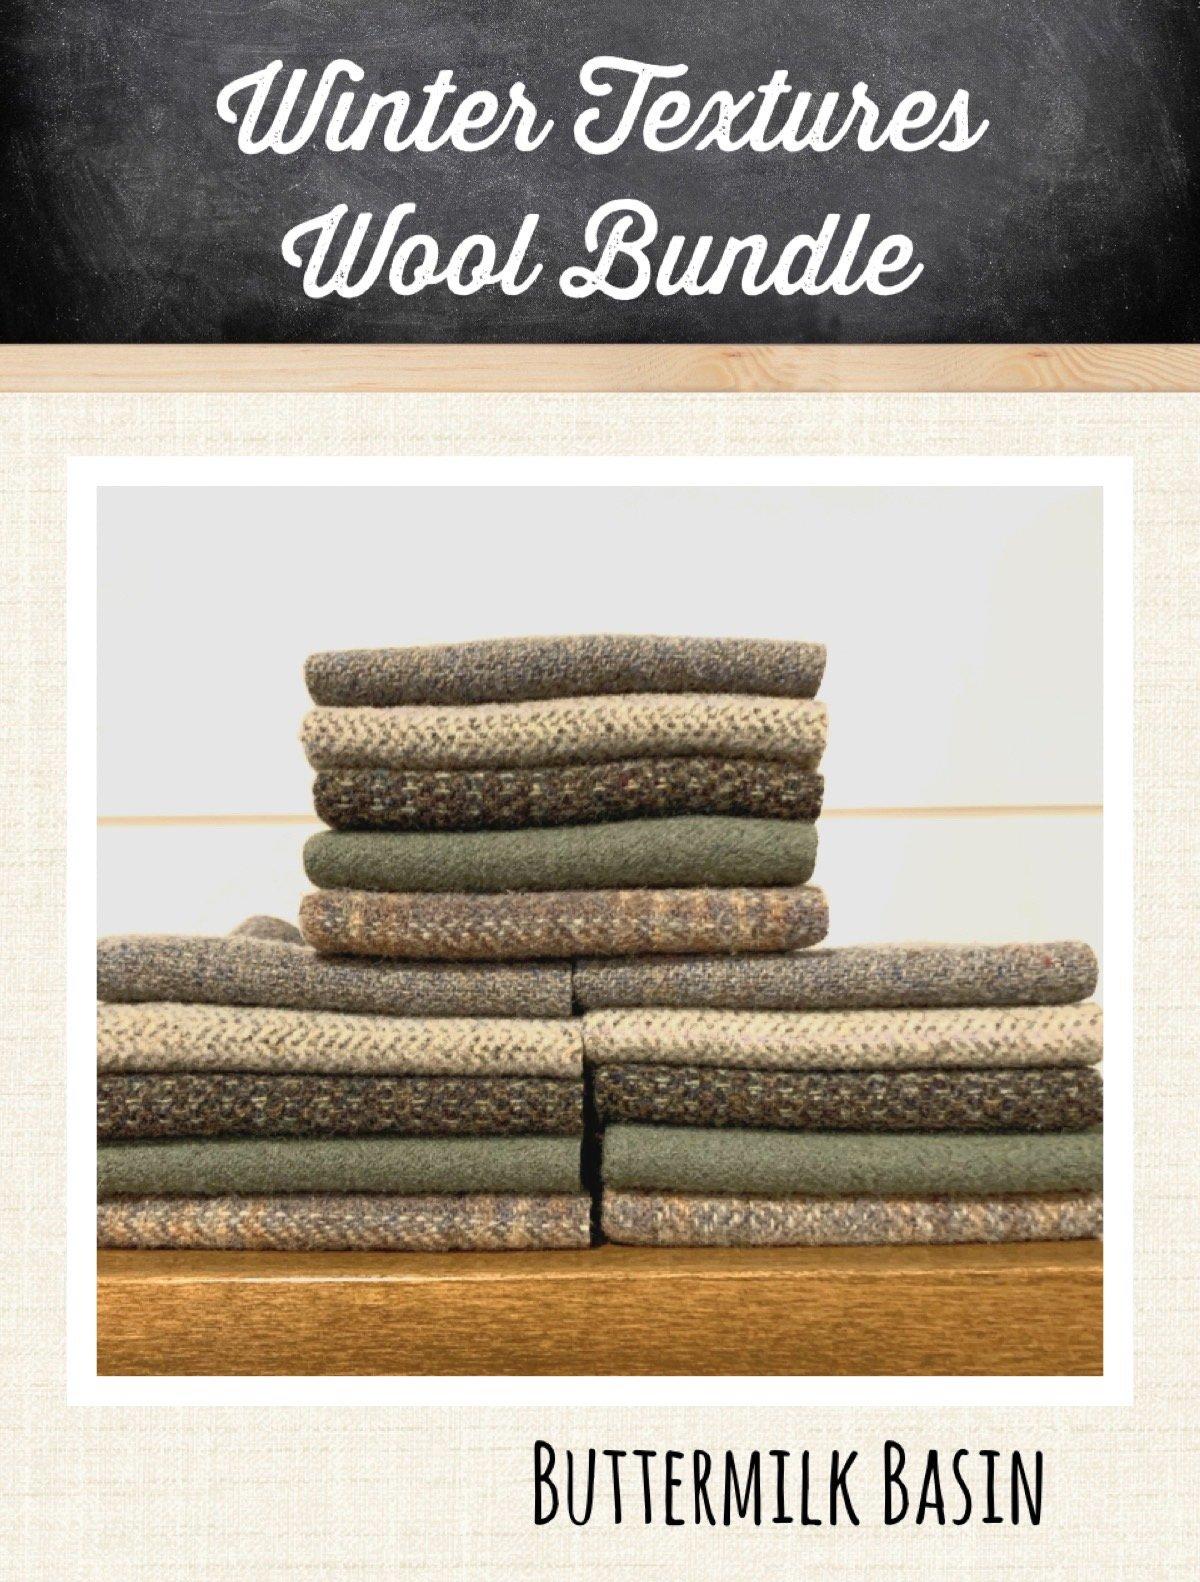 Winter Textures Wool Bundle